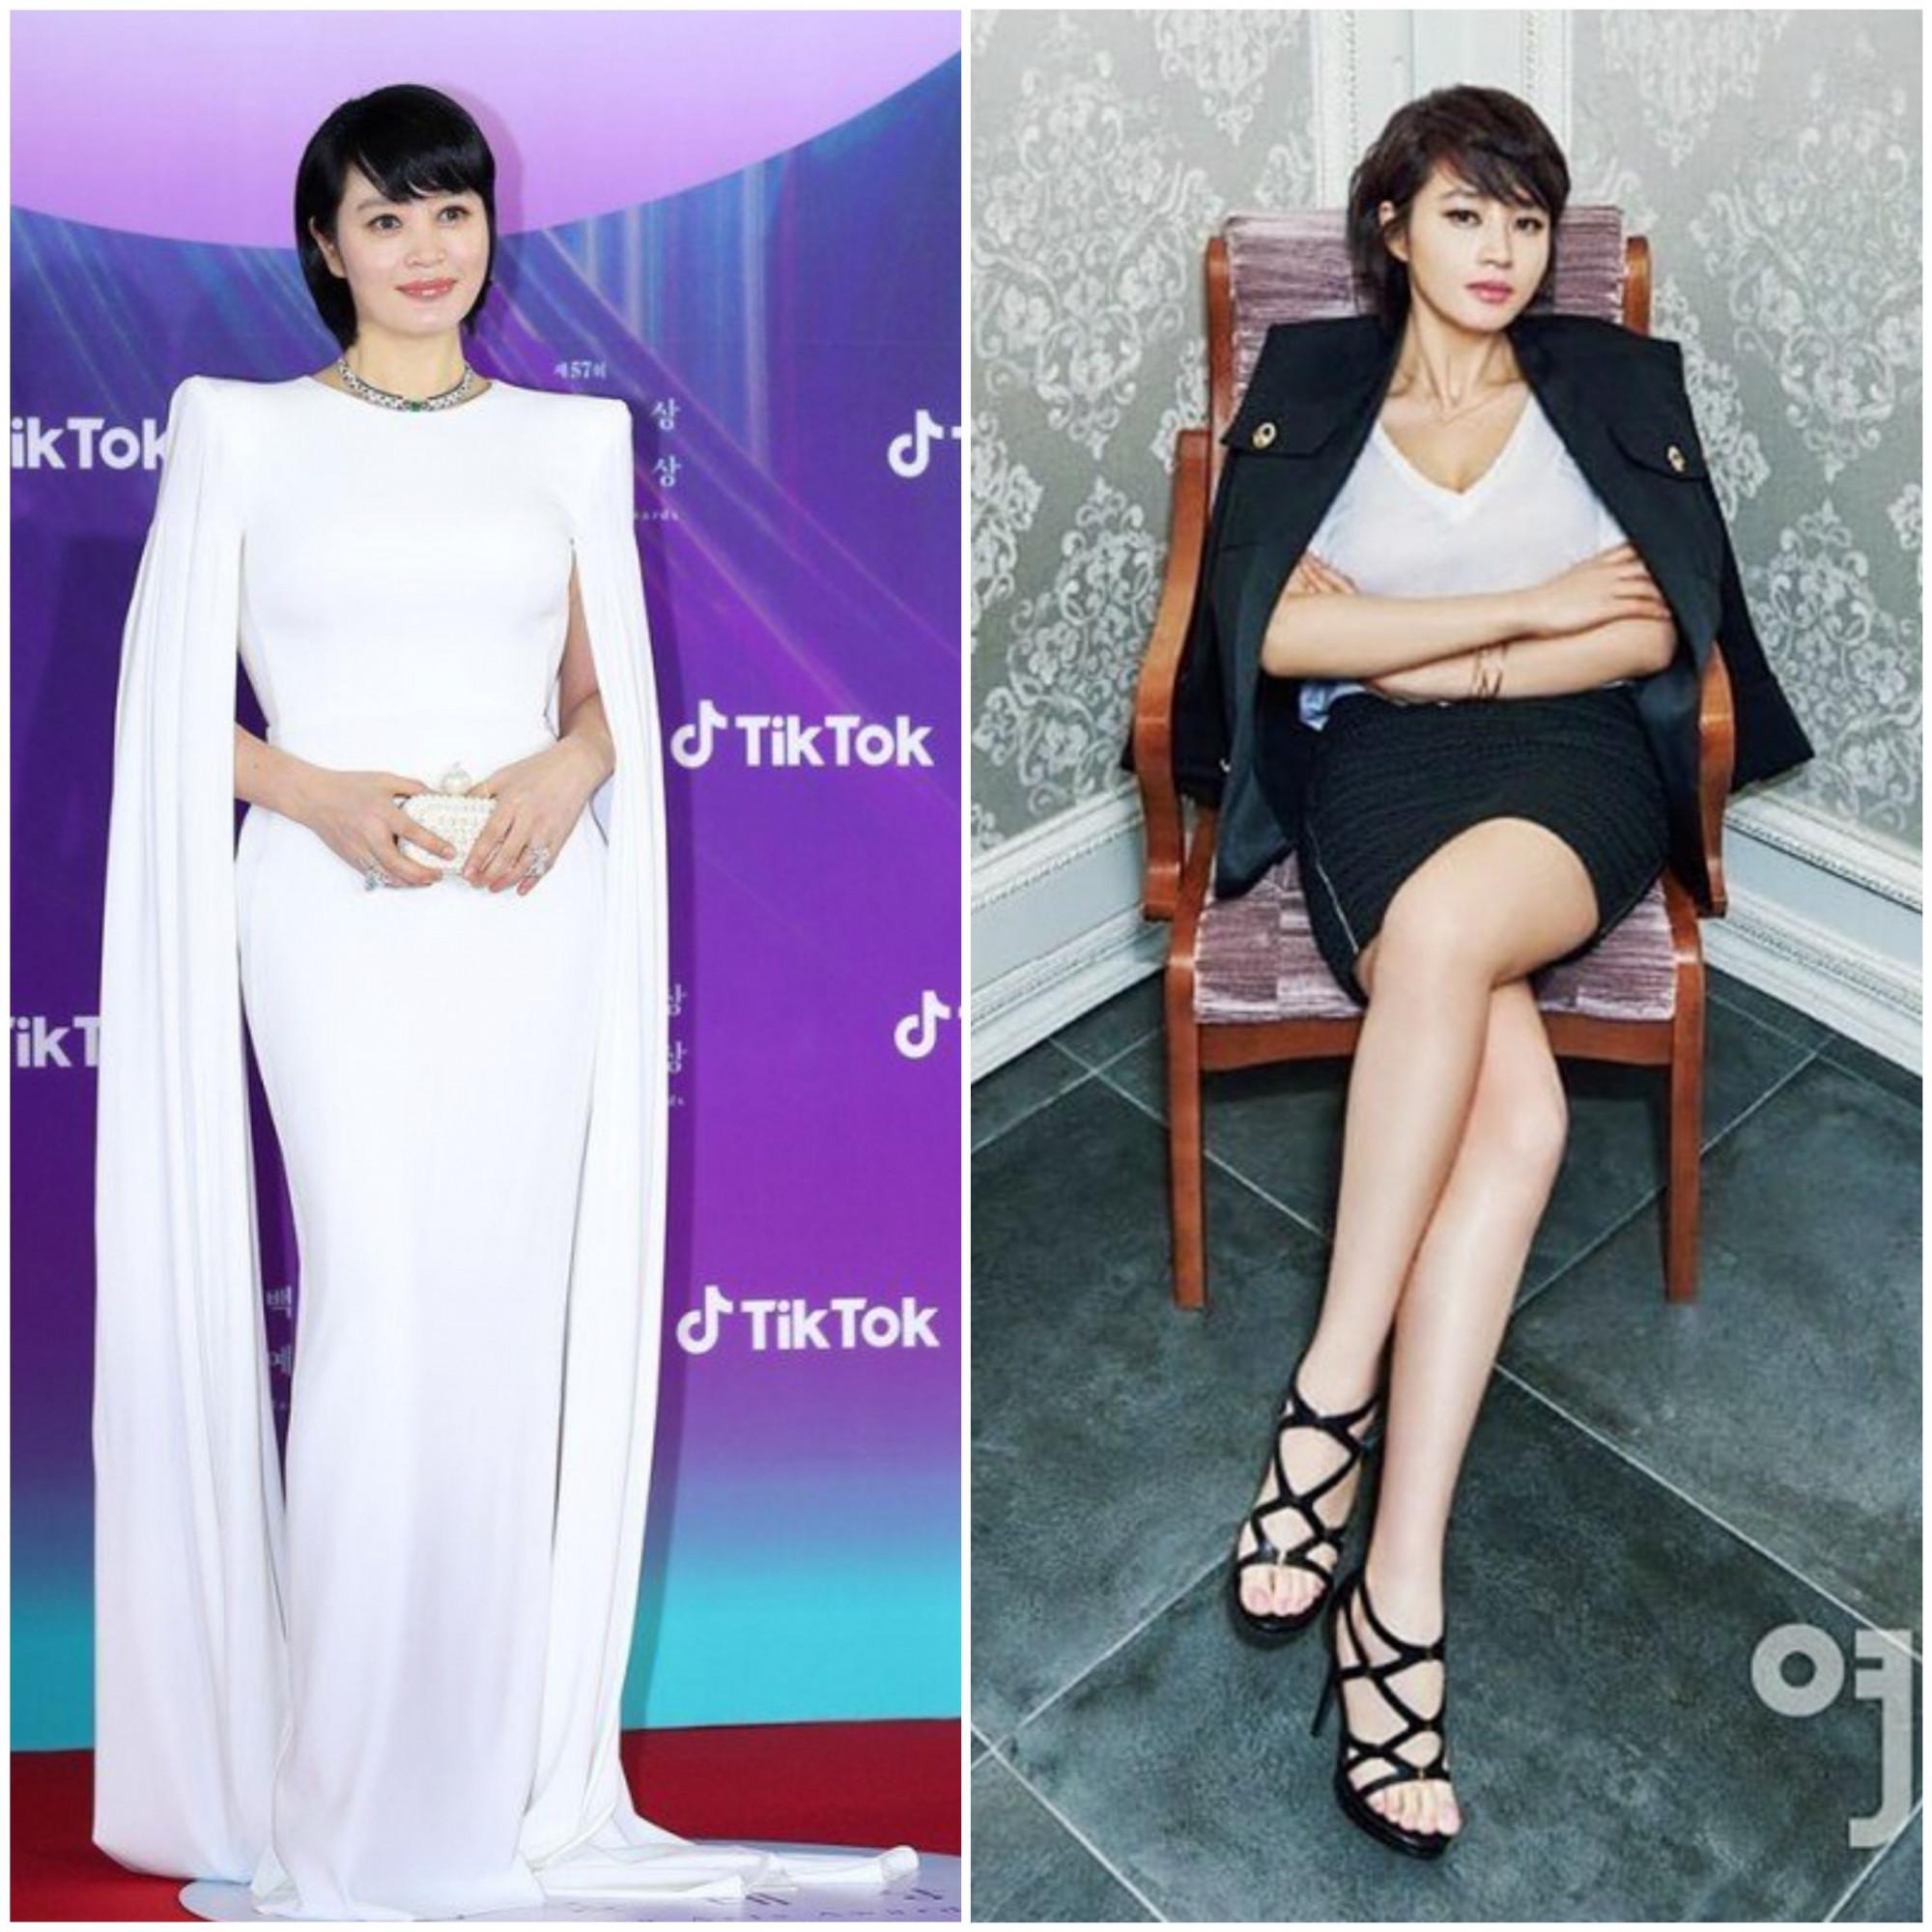 Bên cạnh vẻ ngoài hoàn hảo, kỹ năng diễn xuất đáng nể của Kim Hye Soo trong loạt phim đình đám: Signal, Linh cẩu, Đội quân siêu trộm, Canh bạc nghiệt ngã… giúp cô gặt hái không ít giải thưởng danh giá như Giải thưởng nghệ thuật Baeksang, Rồng Xanh…